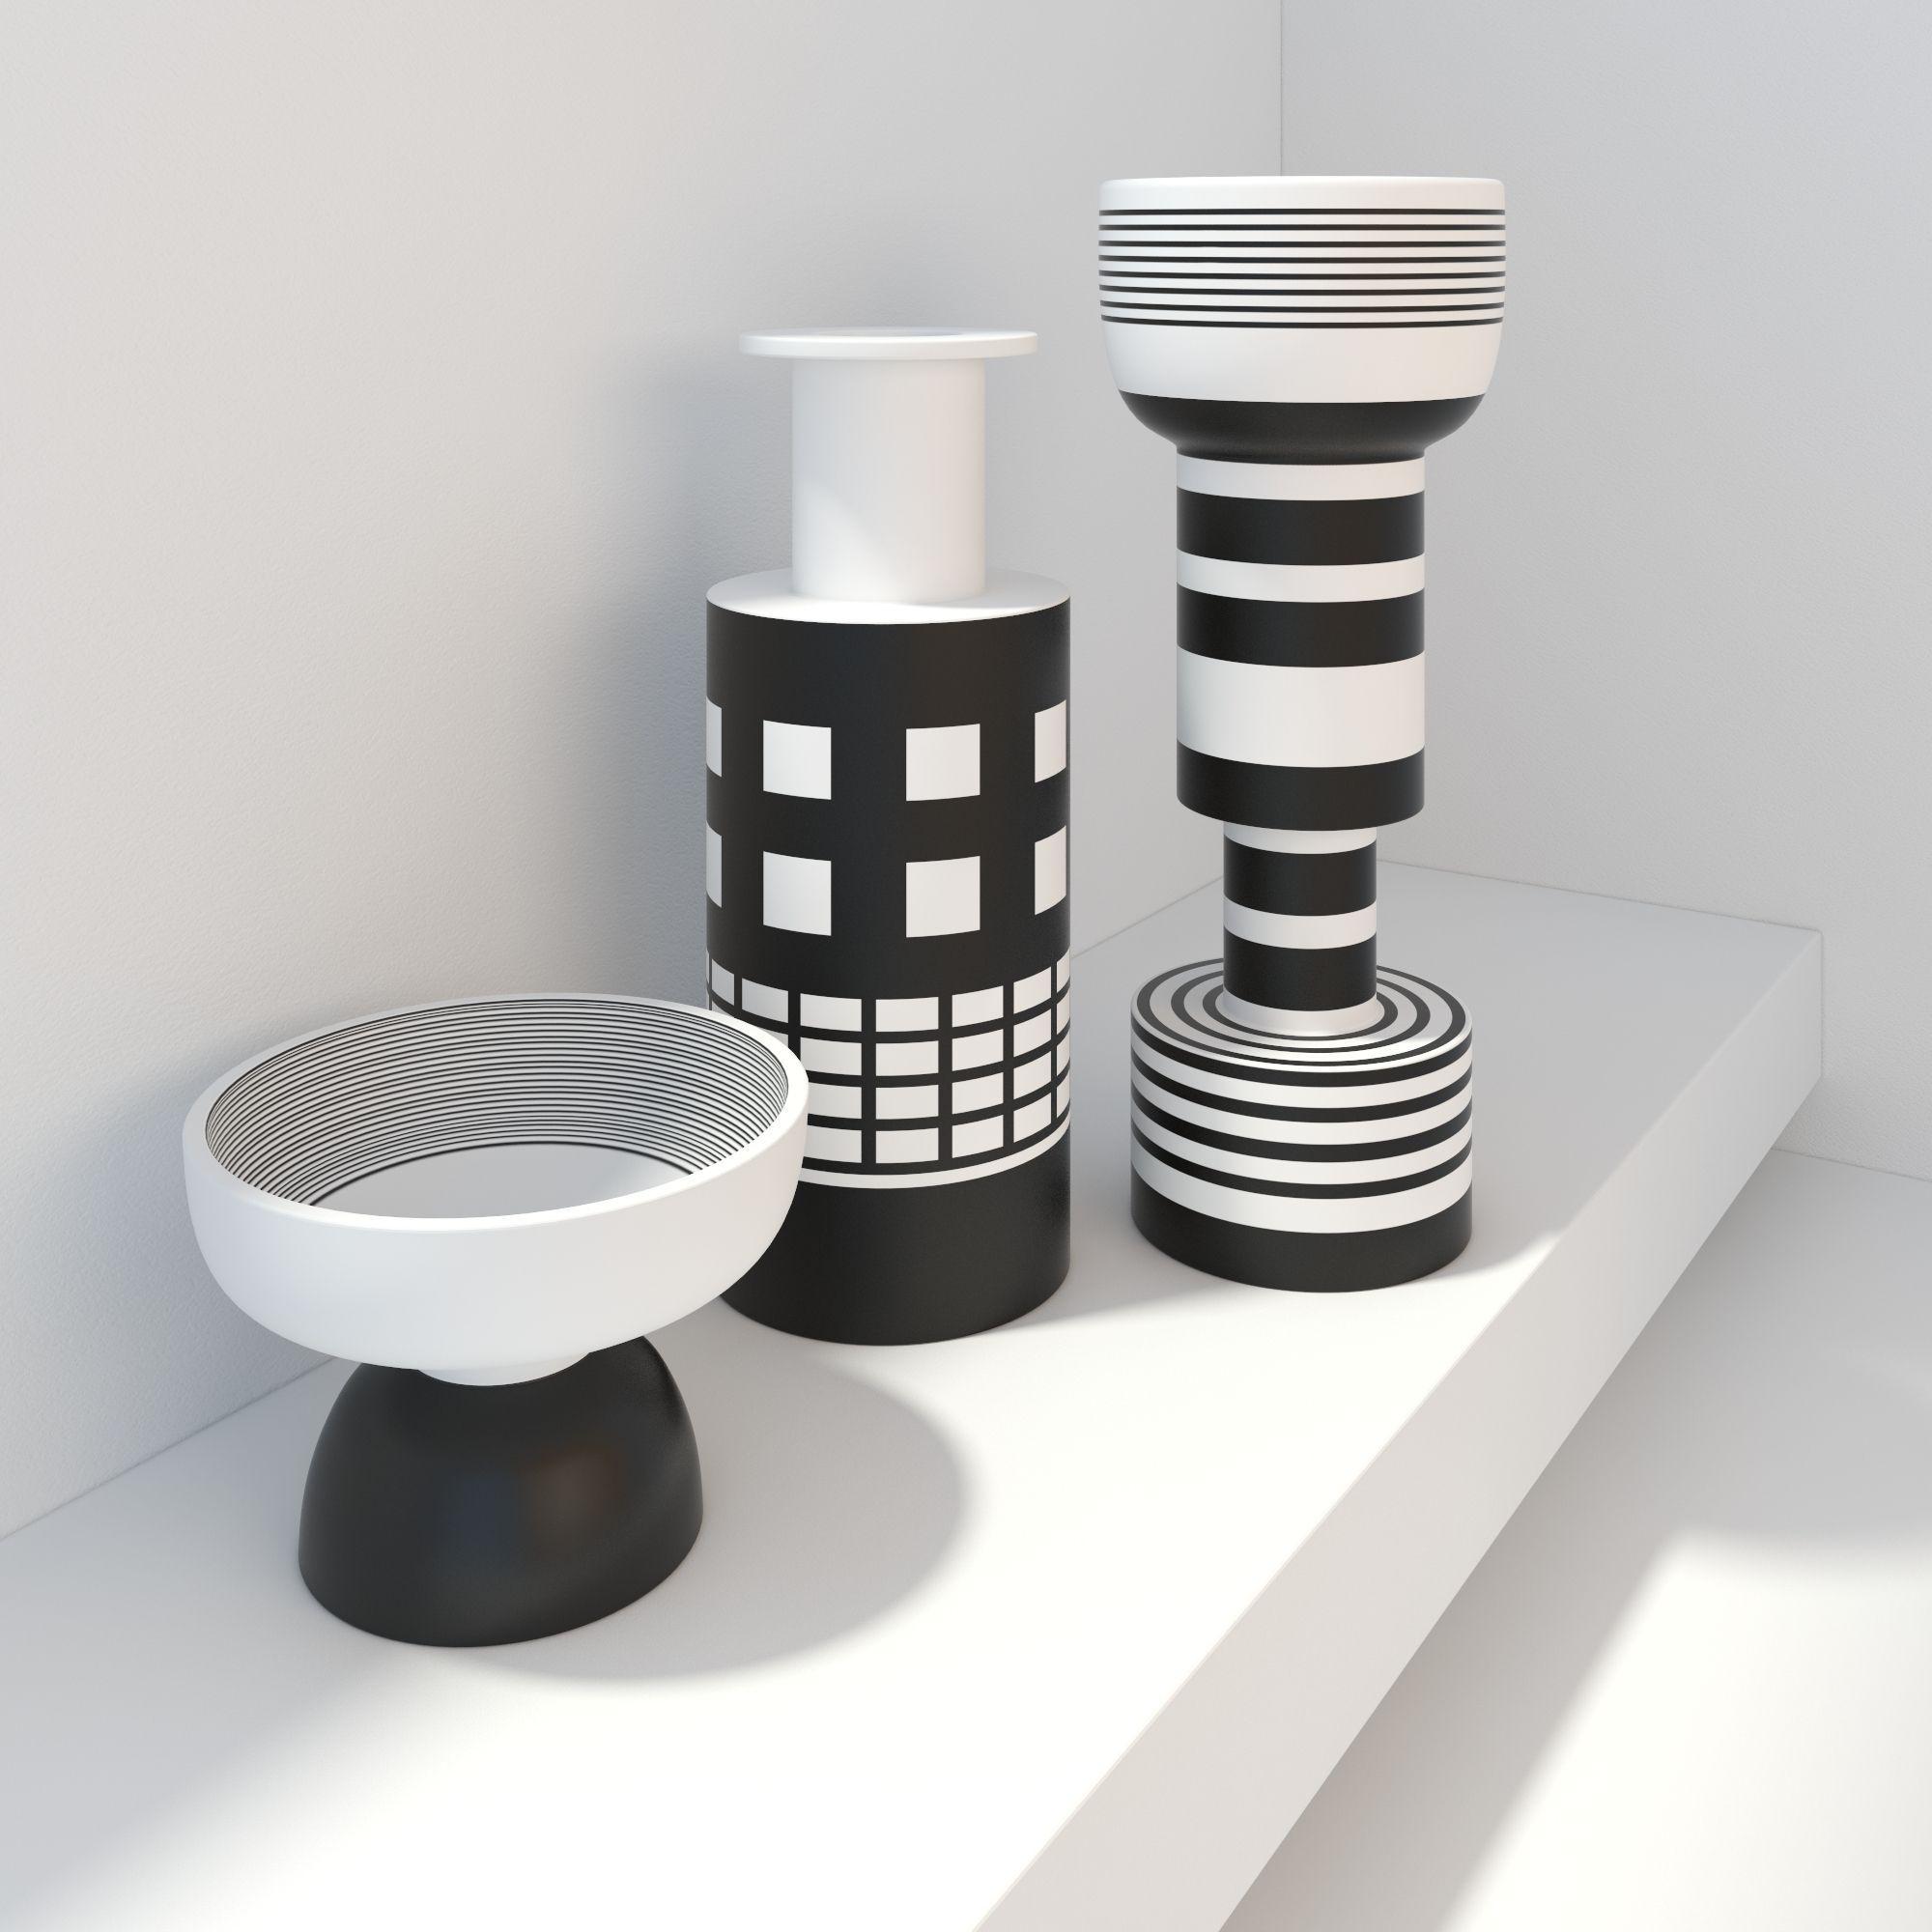 Popular 281 list modern vases decor bitossi modern vases black and white decor d model max obj fbx mtl reviewsmspy